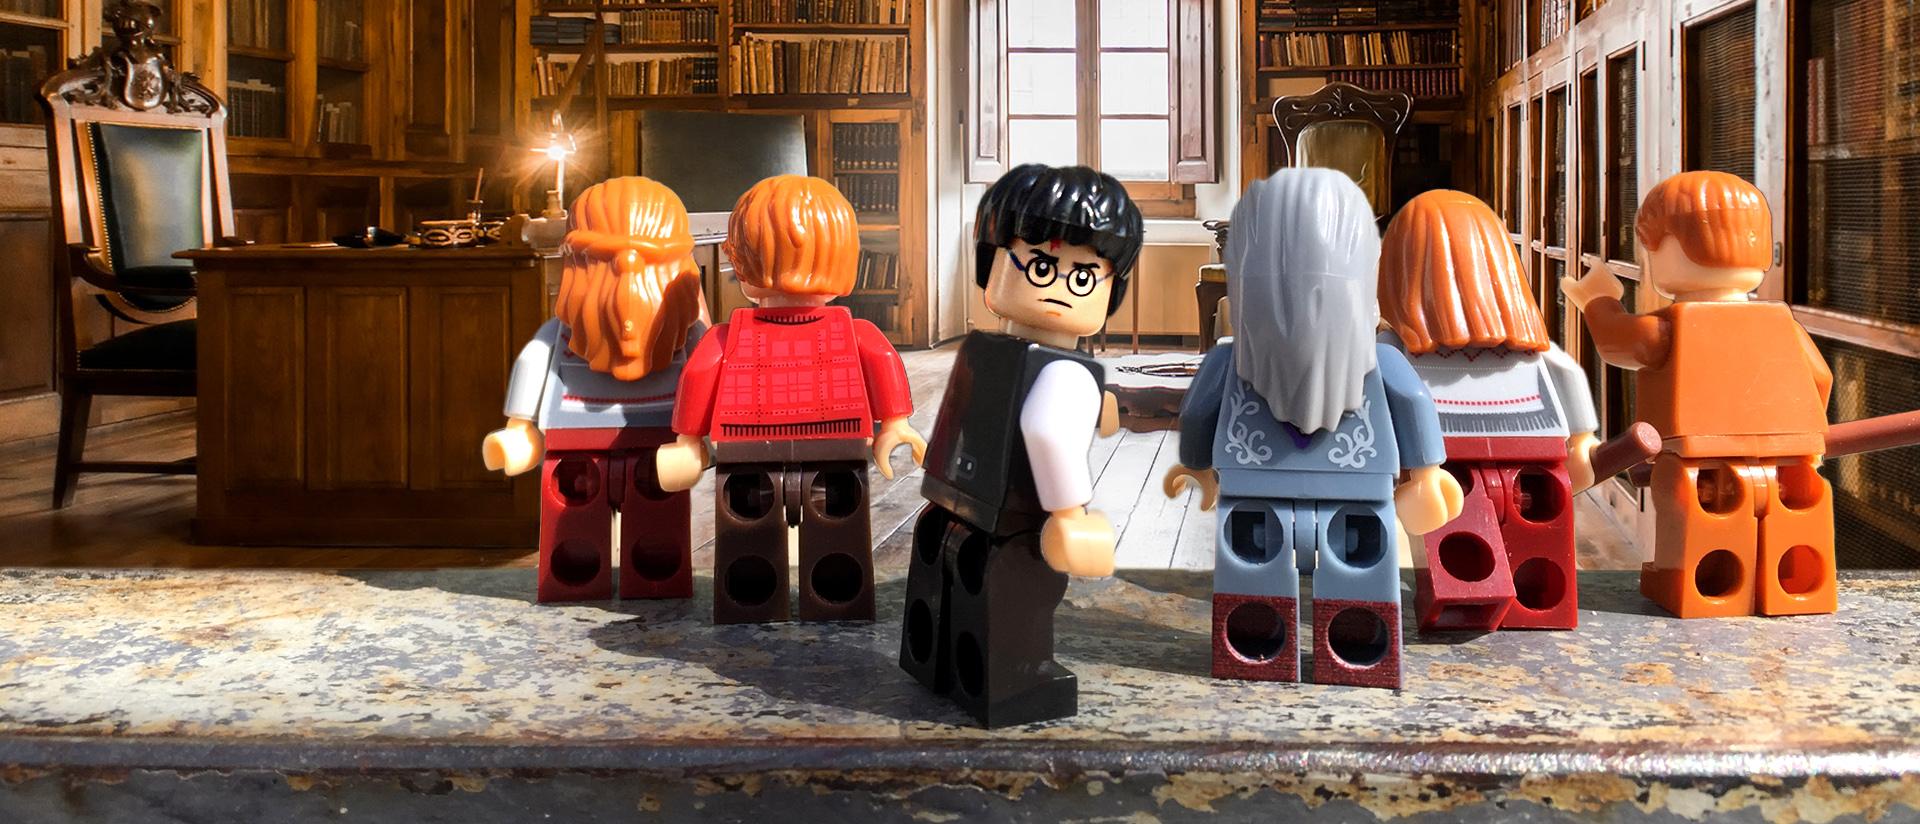 escape room La Biblioteca Mágica